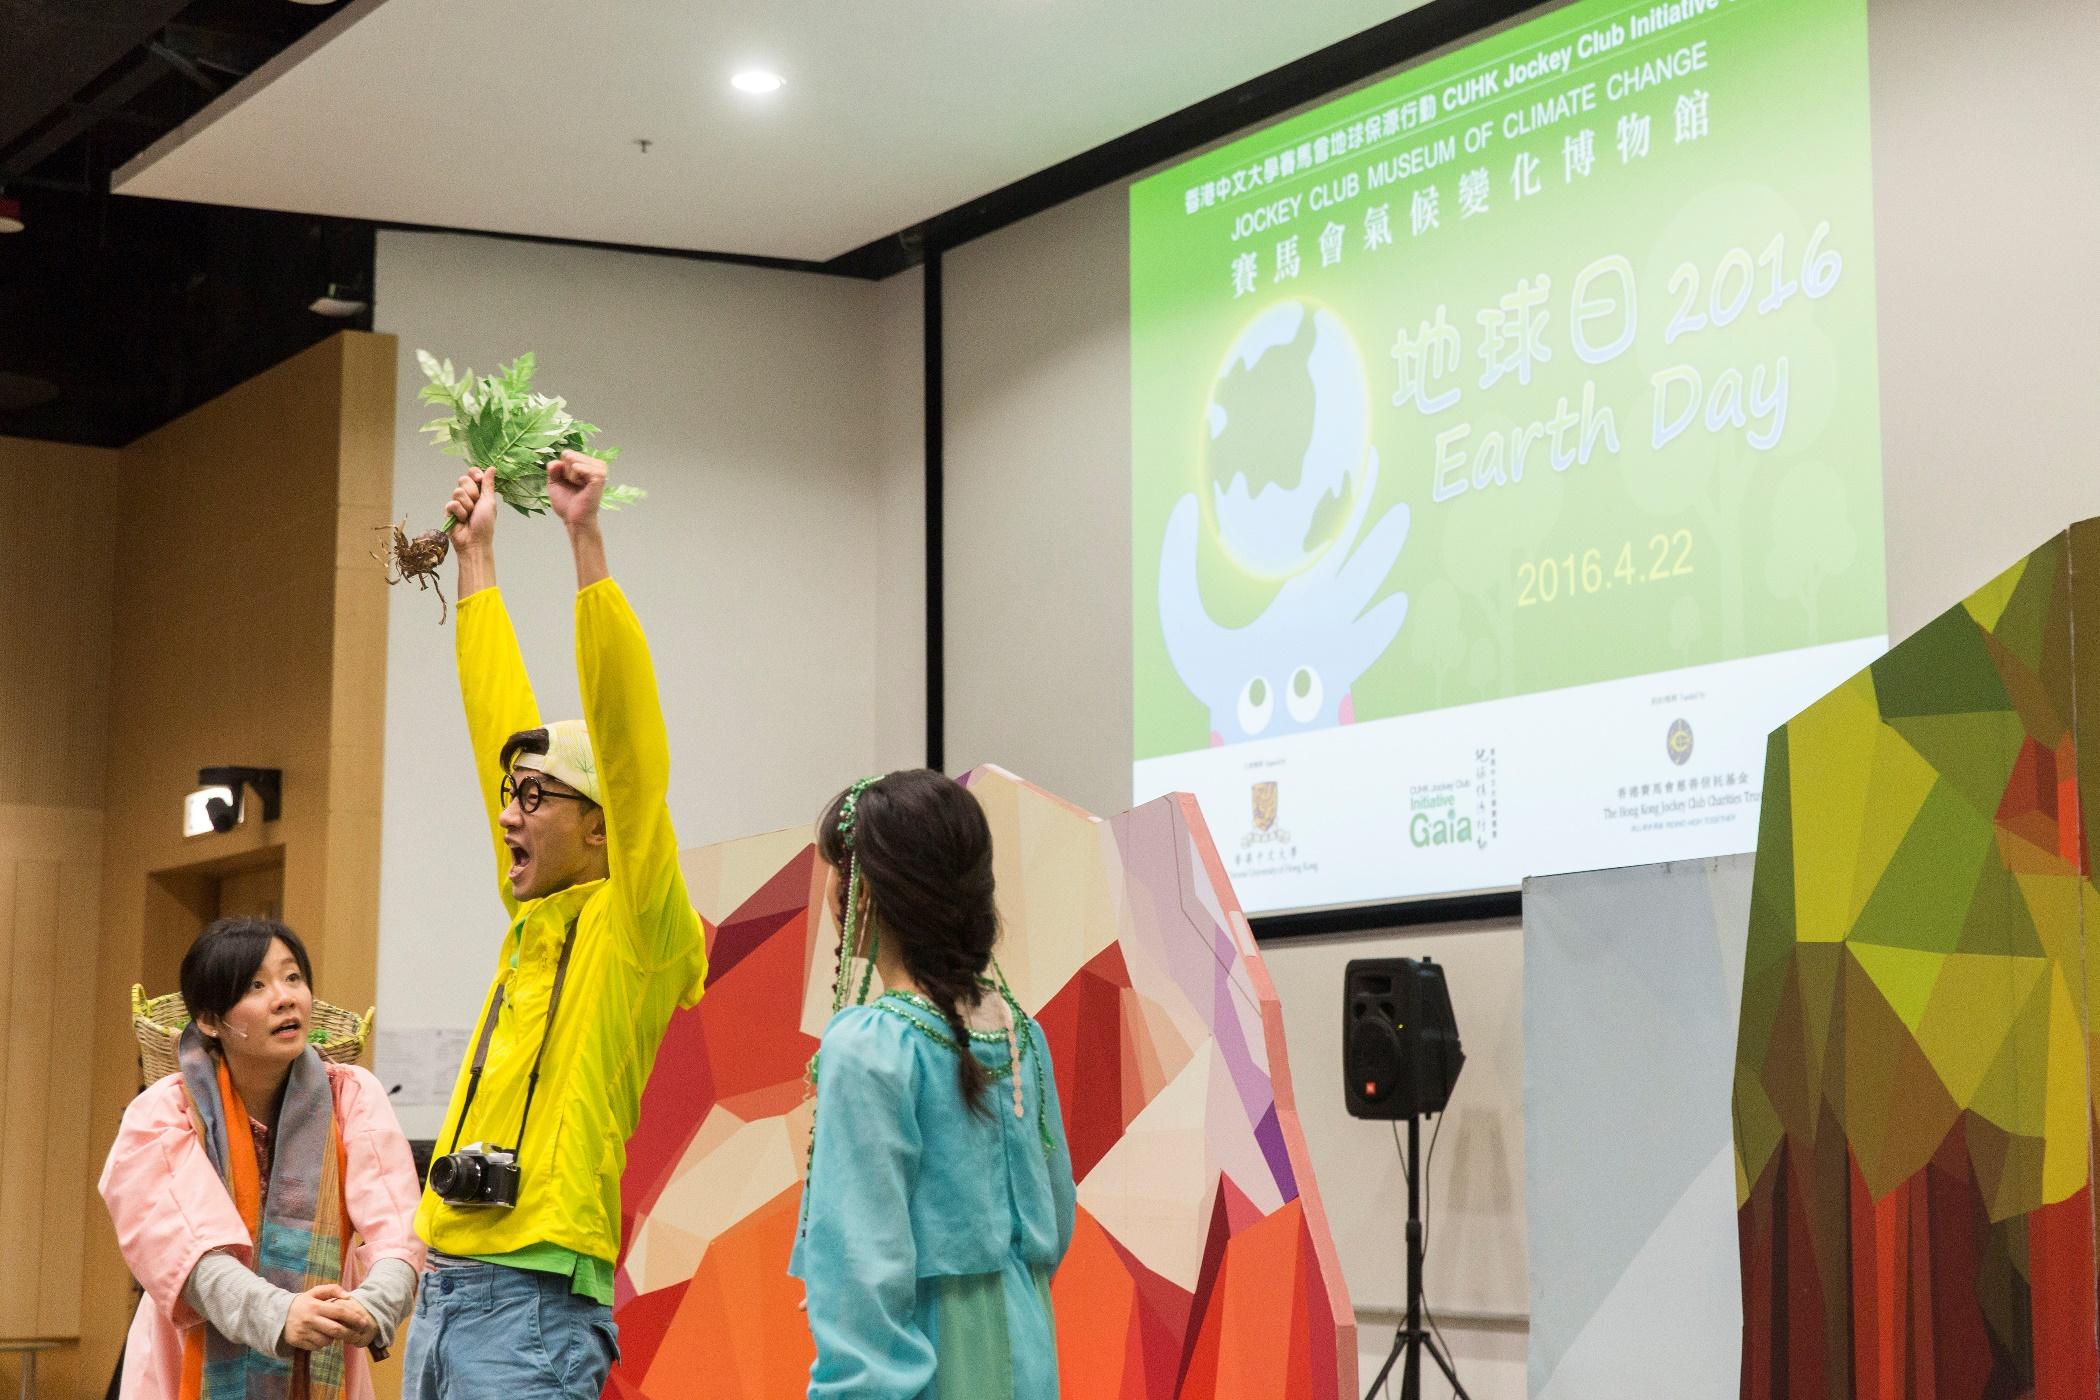 气候变化奇幻剧场「少年Green的保源之旅」地球日特别演出。